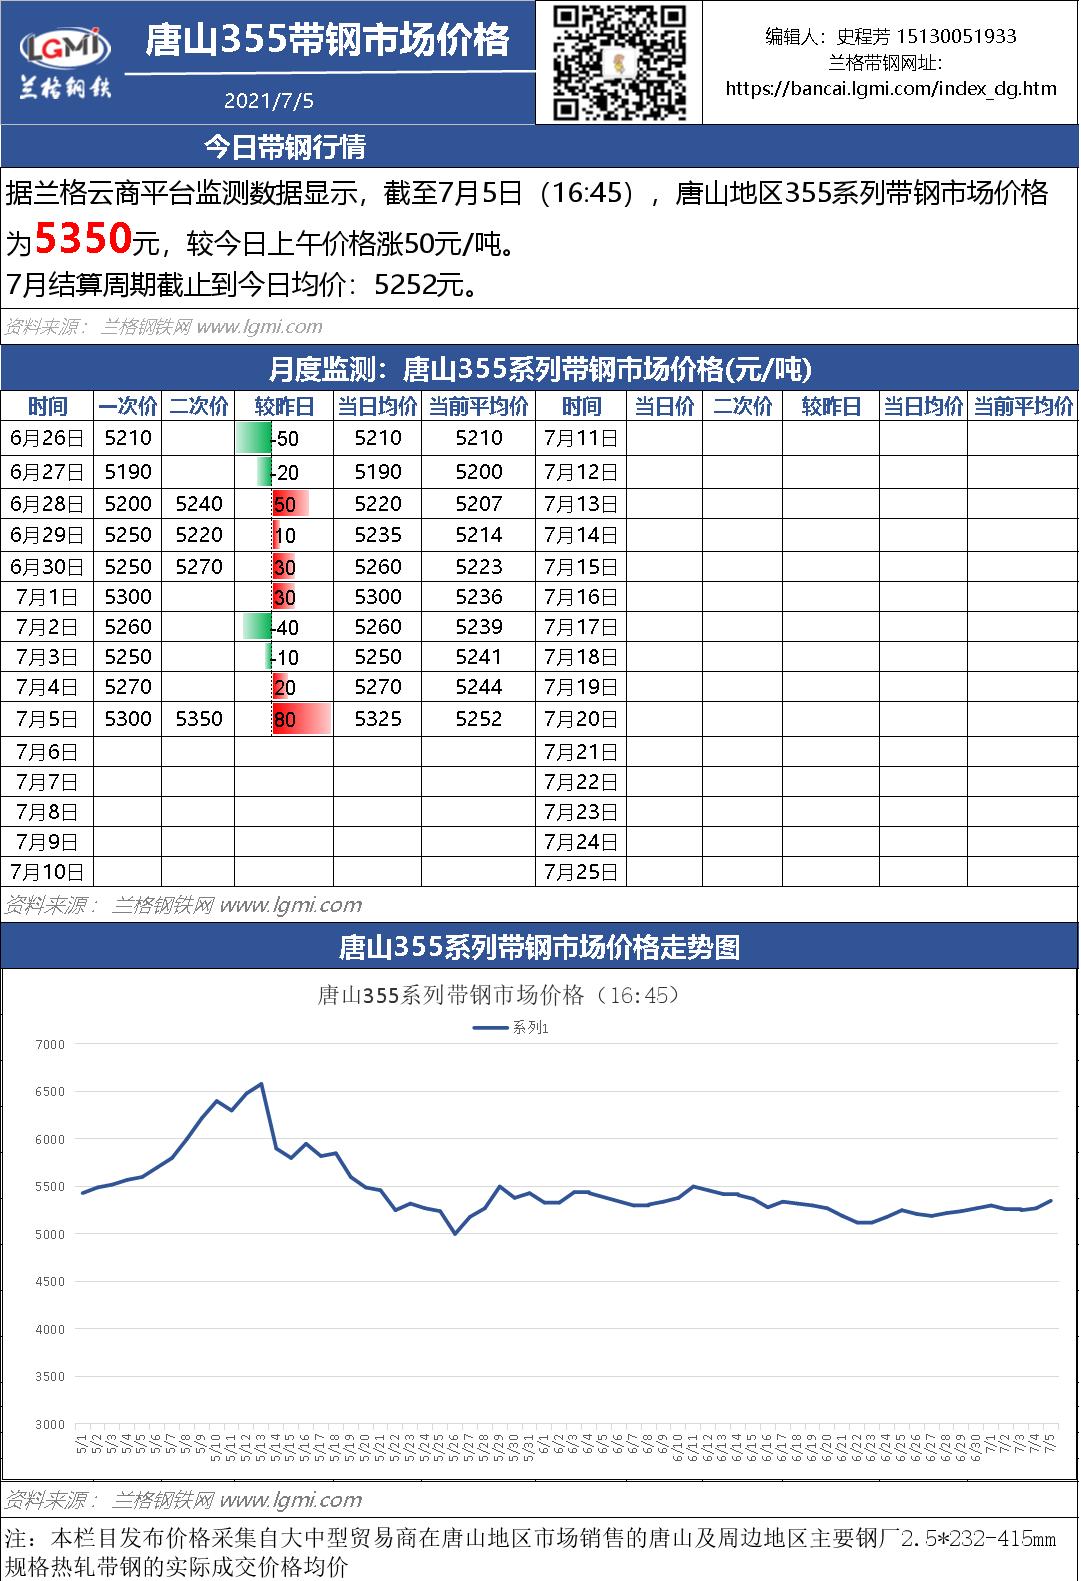 7月5日(16:45)唐山355系带钢市场价